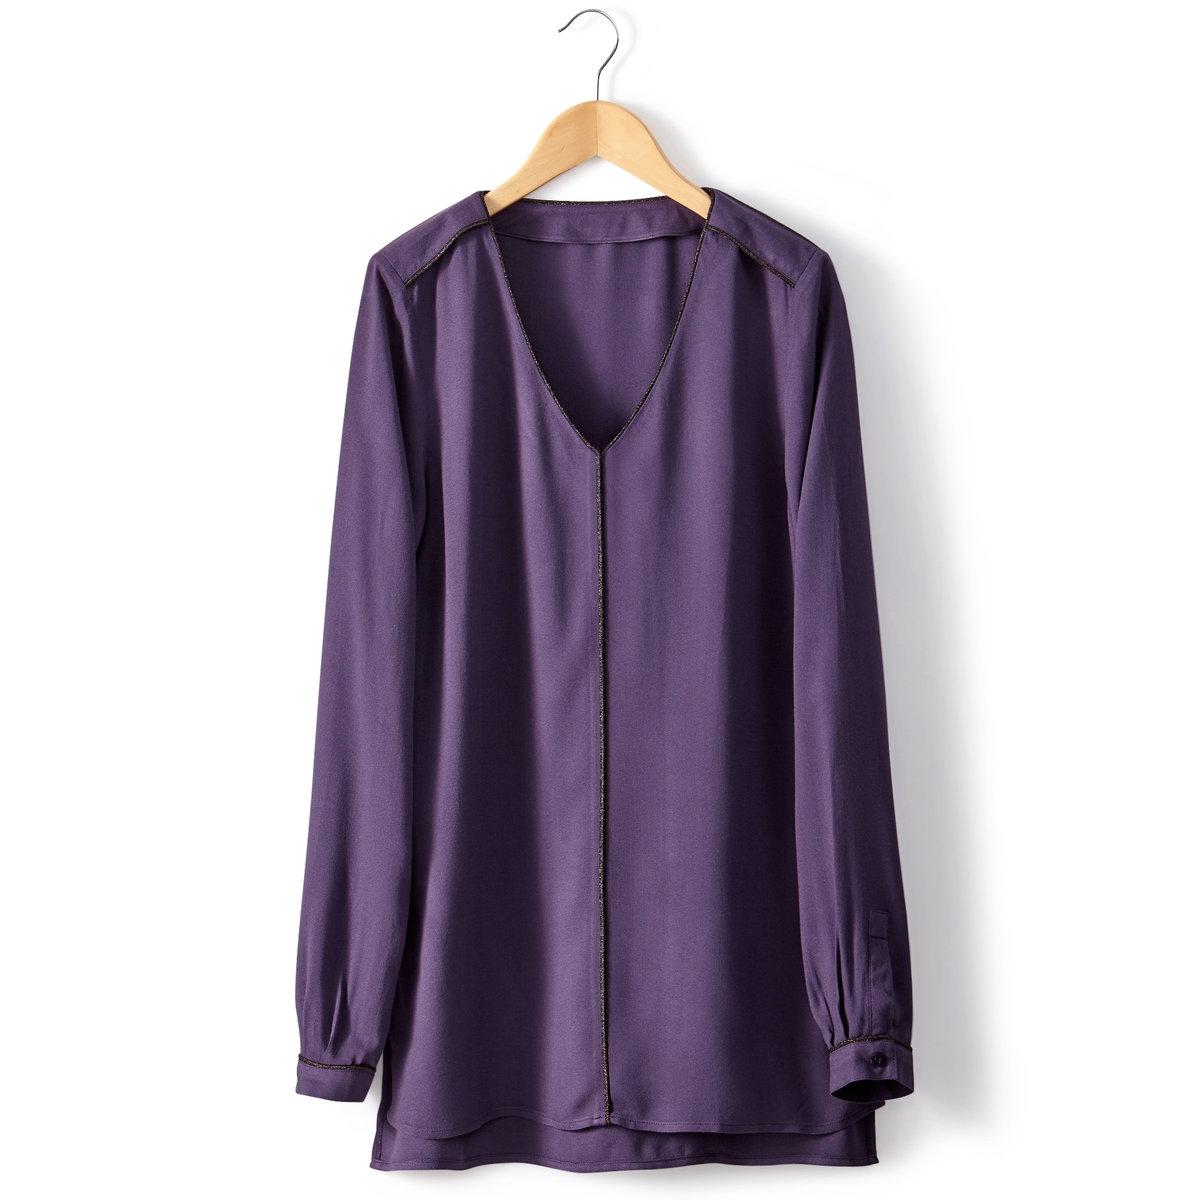 Блузка с V-образным вырезомБлуза с V-образным вырезом. 100% вискозы. Длинные рукава. Вырез, передняя часть и плечевые детали отделаны бейкой из металлизированной нити. Длина 70 см.<br><br>Цвет: фиолетовый